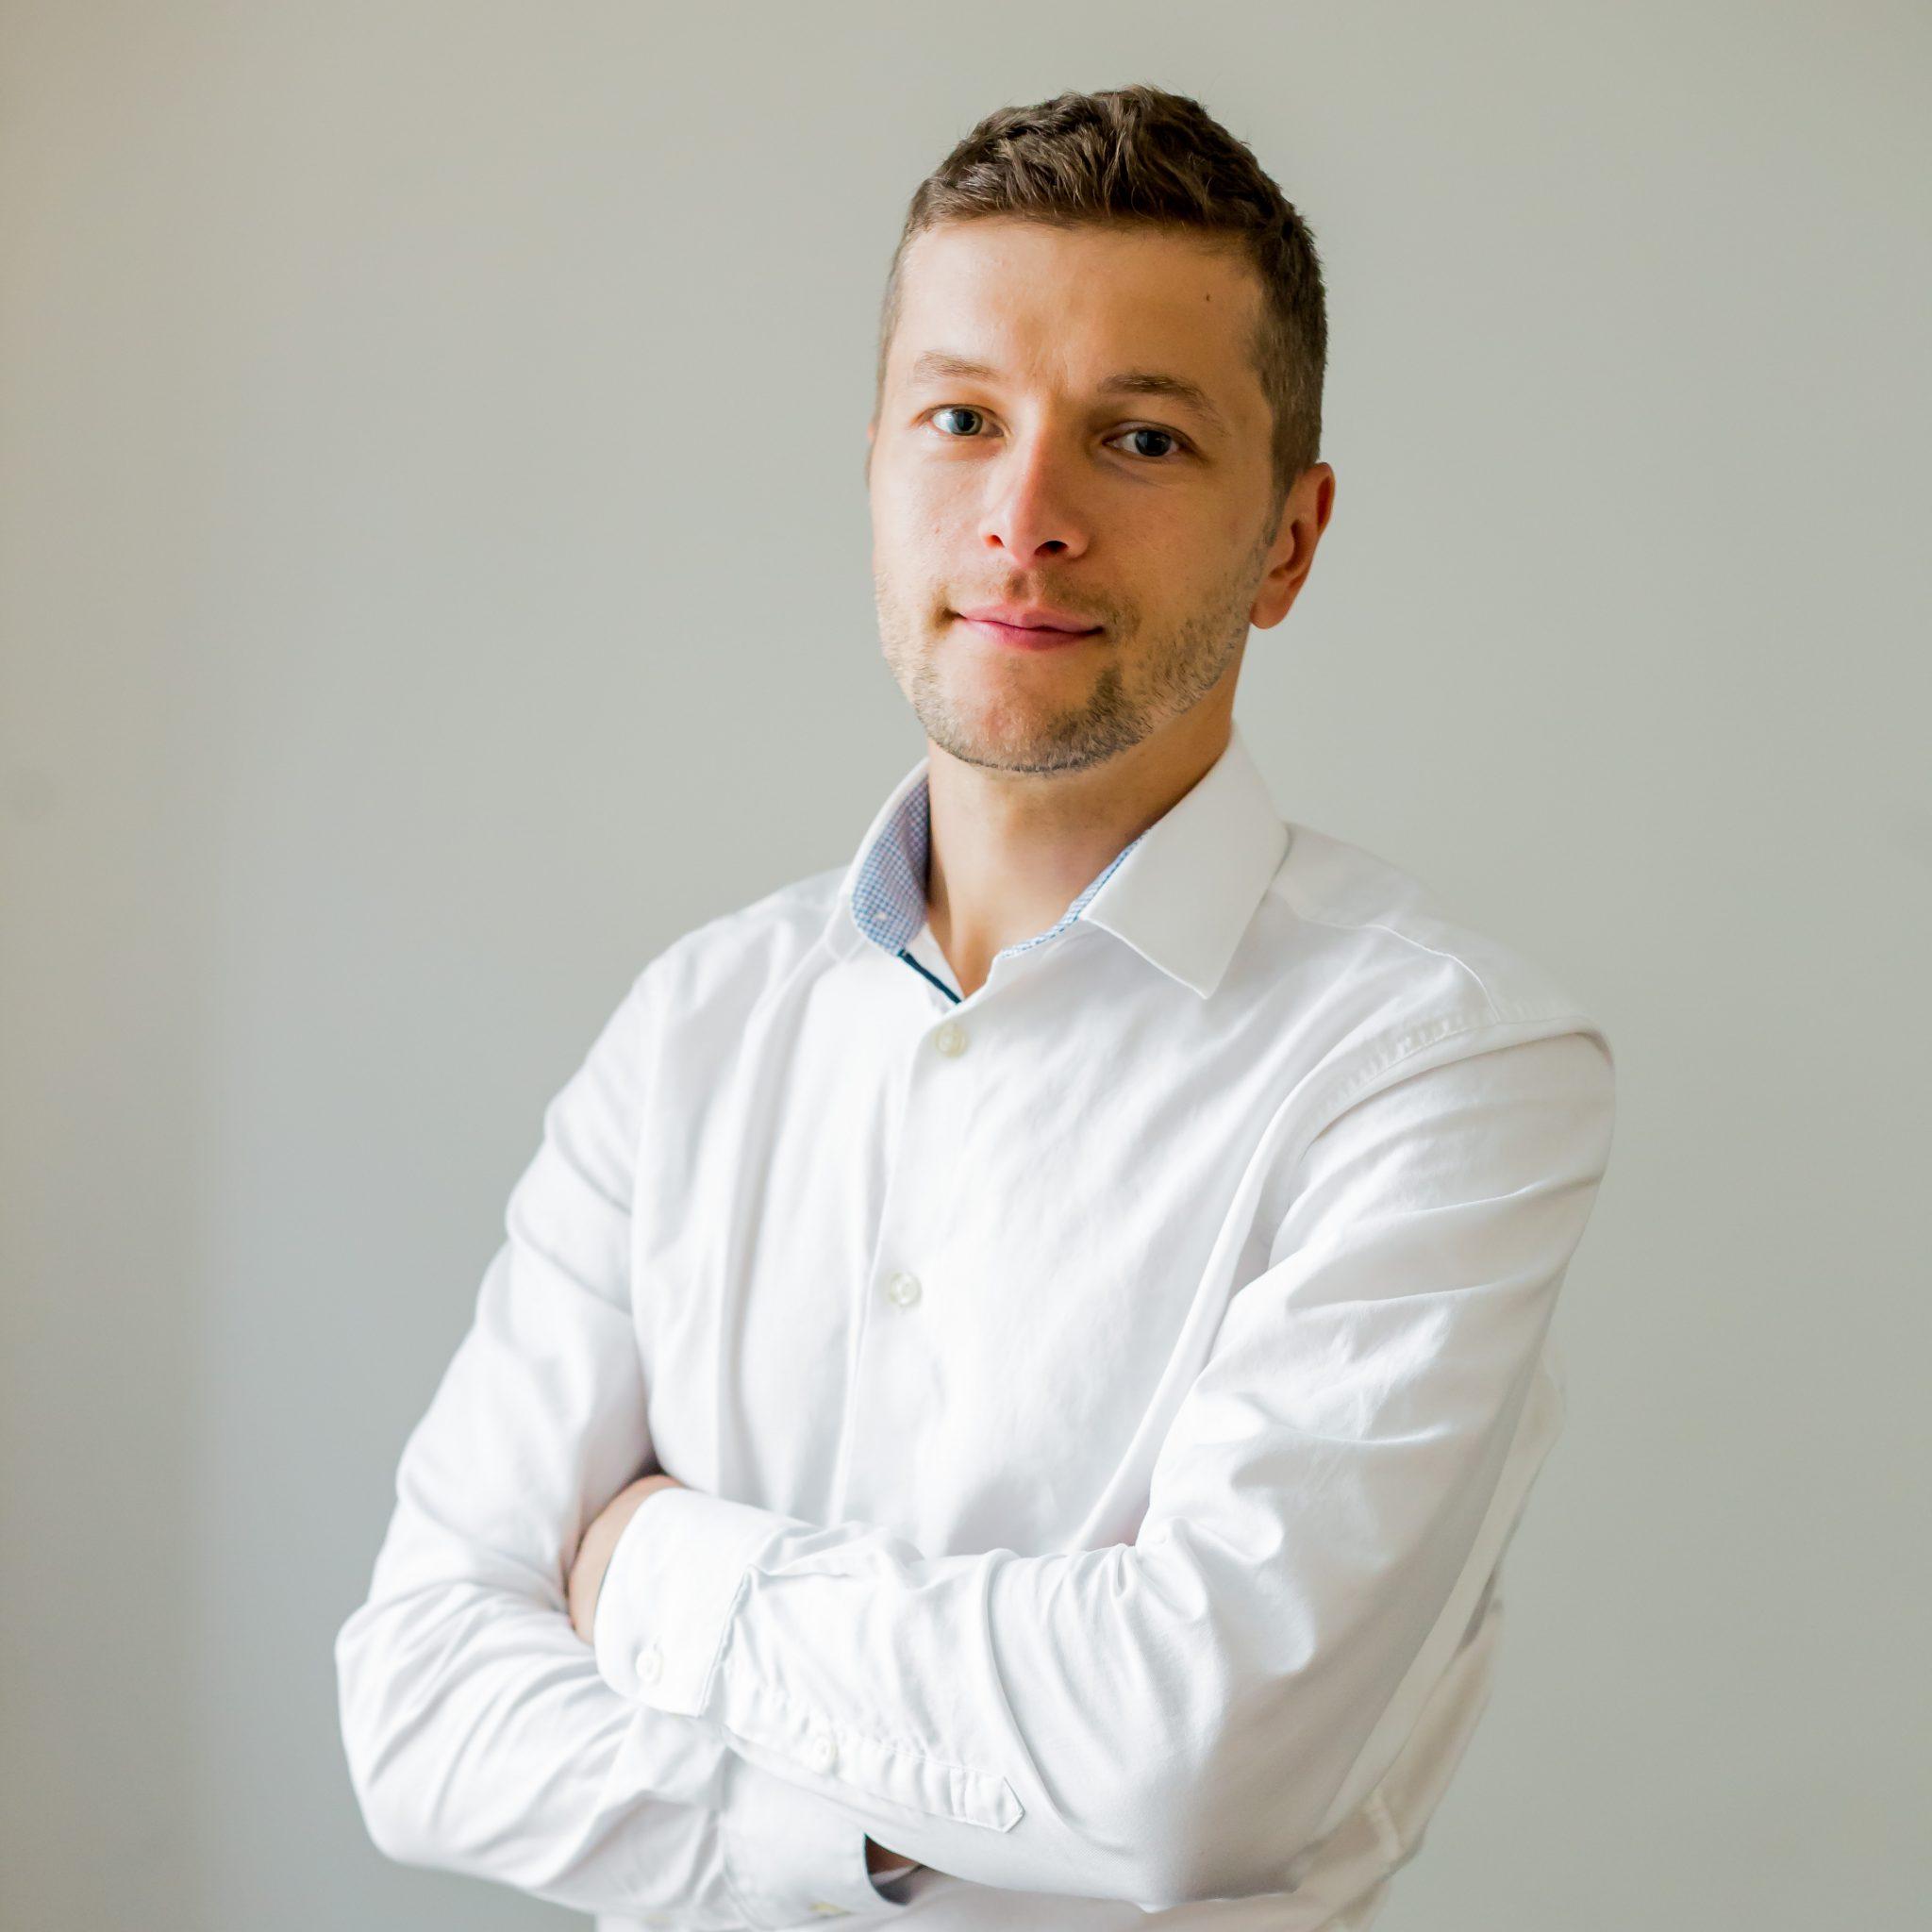 Piotr Głowaty